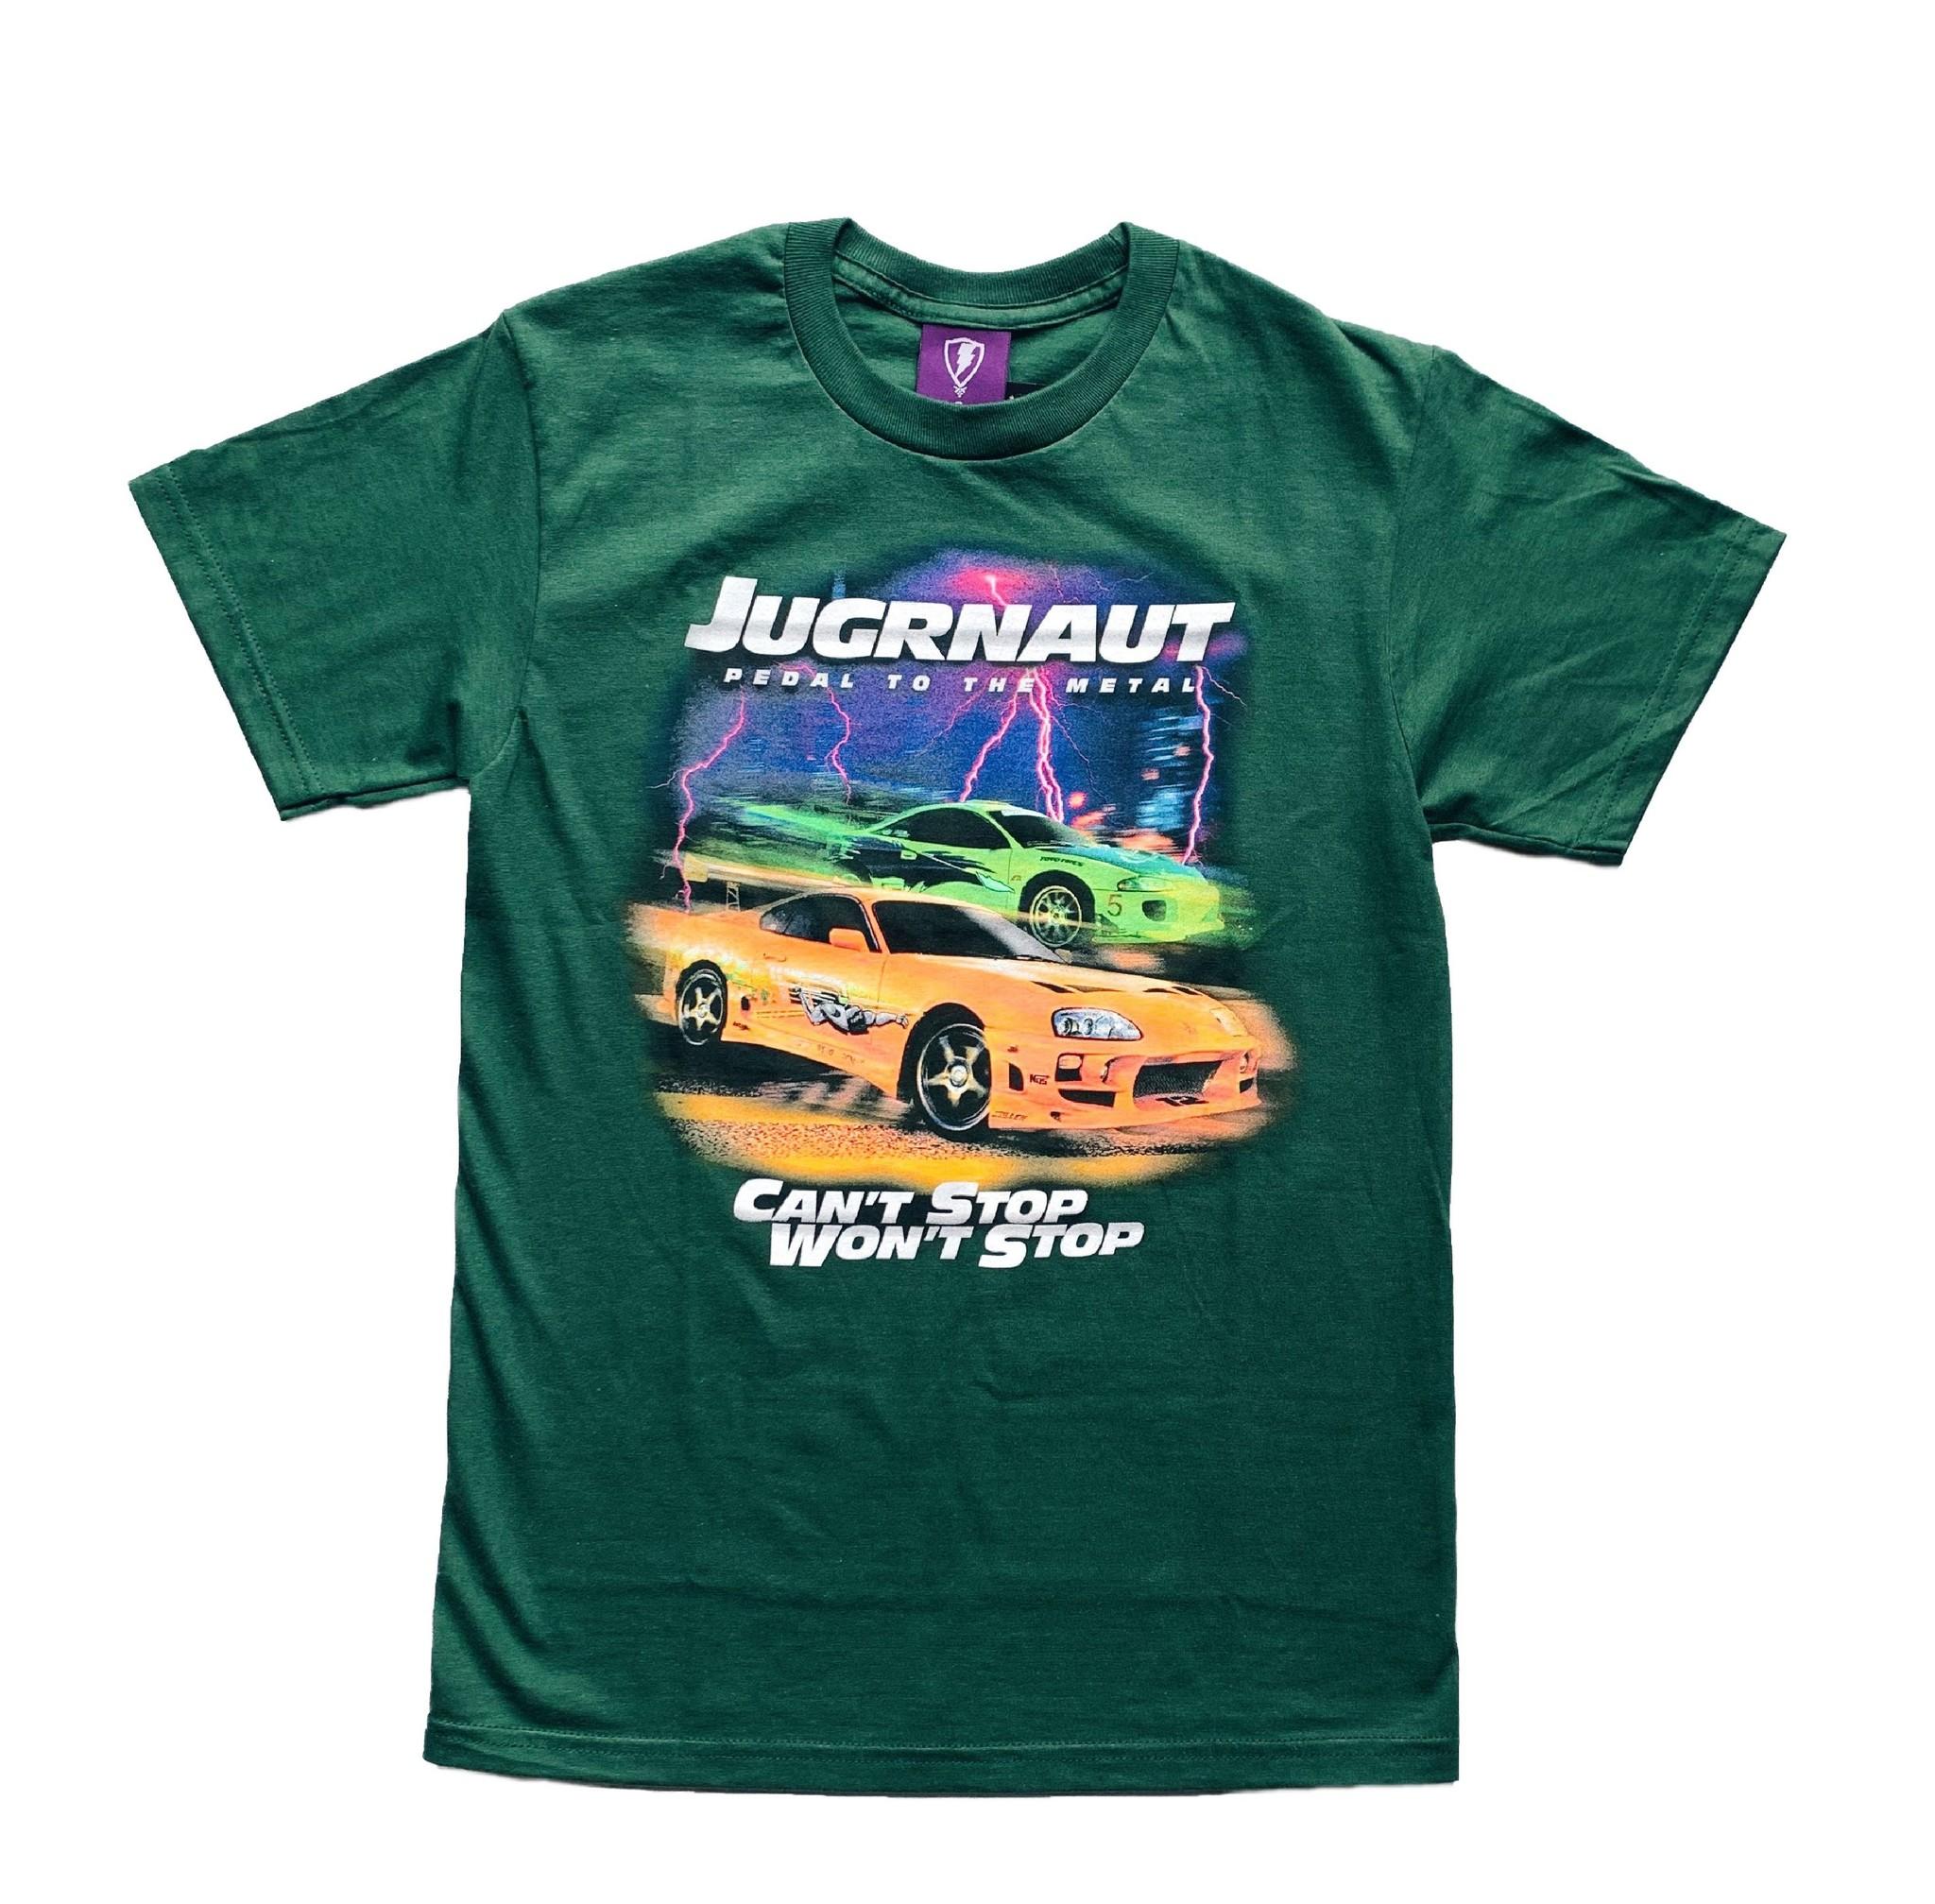 Jugrnaut Jugrnaut Fast and Furious Tee Green